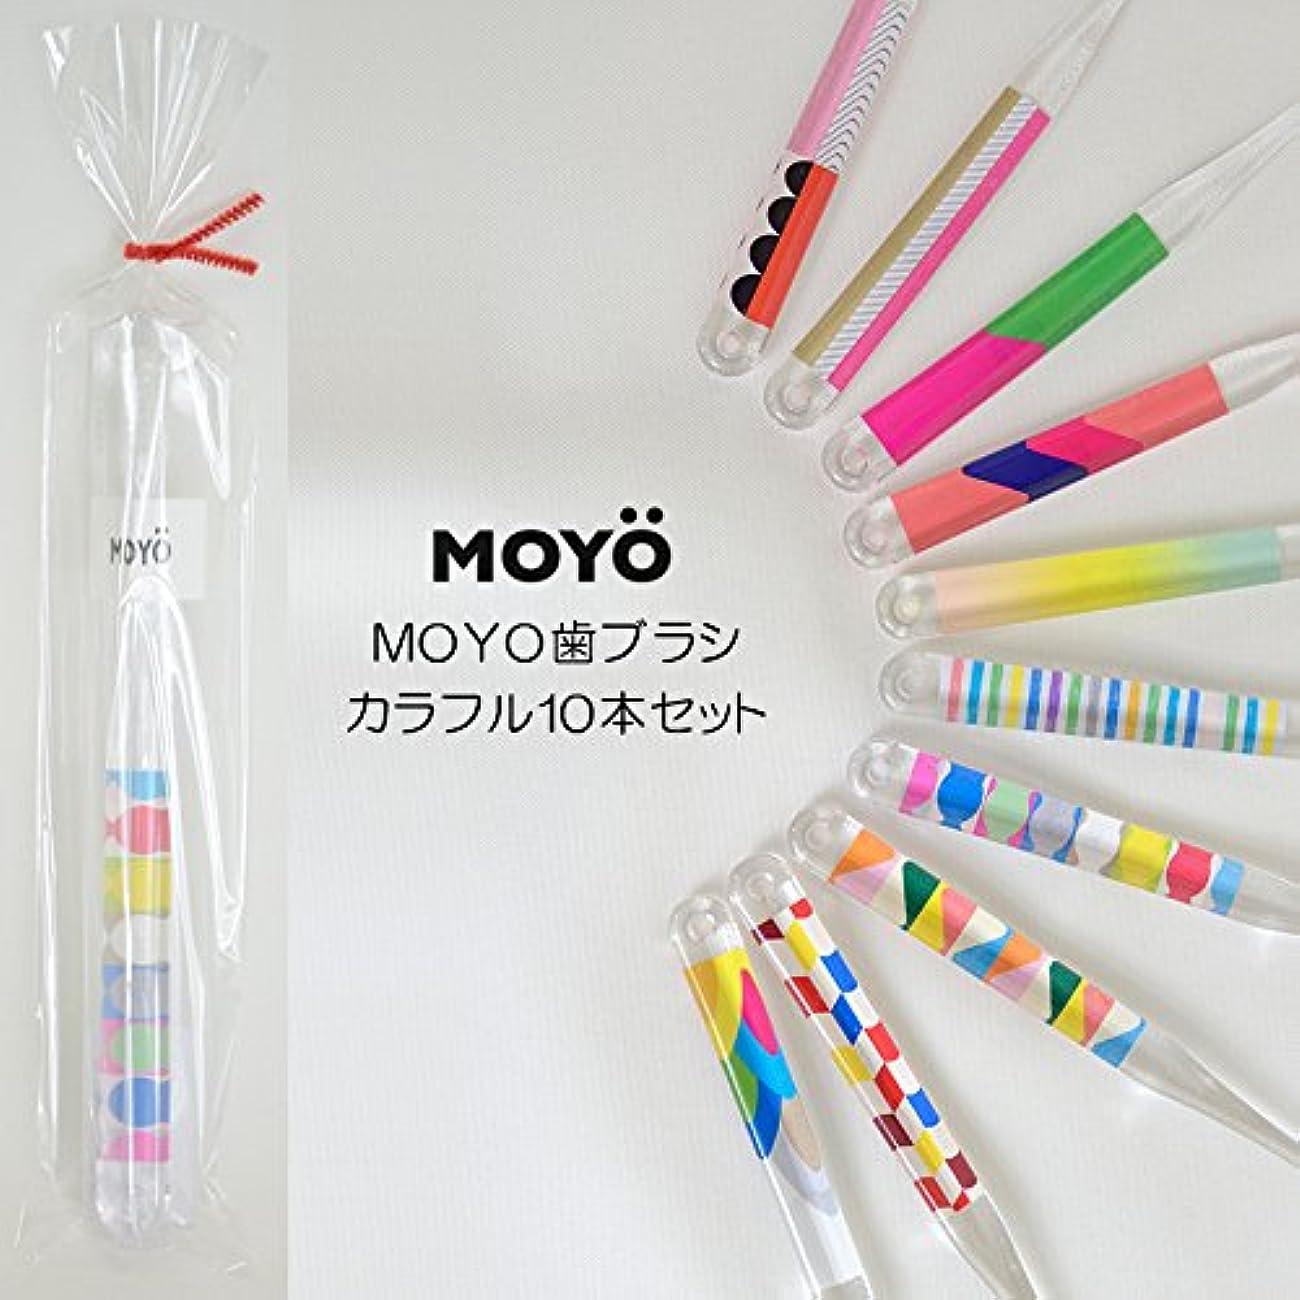 つまずく強制的殺すMOYO モヨウ カラフル10本 プチ ギフト セット_562302-colorful 【F】,カラフル10本セット